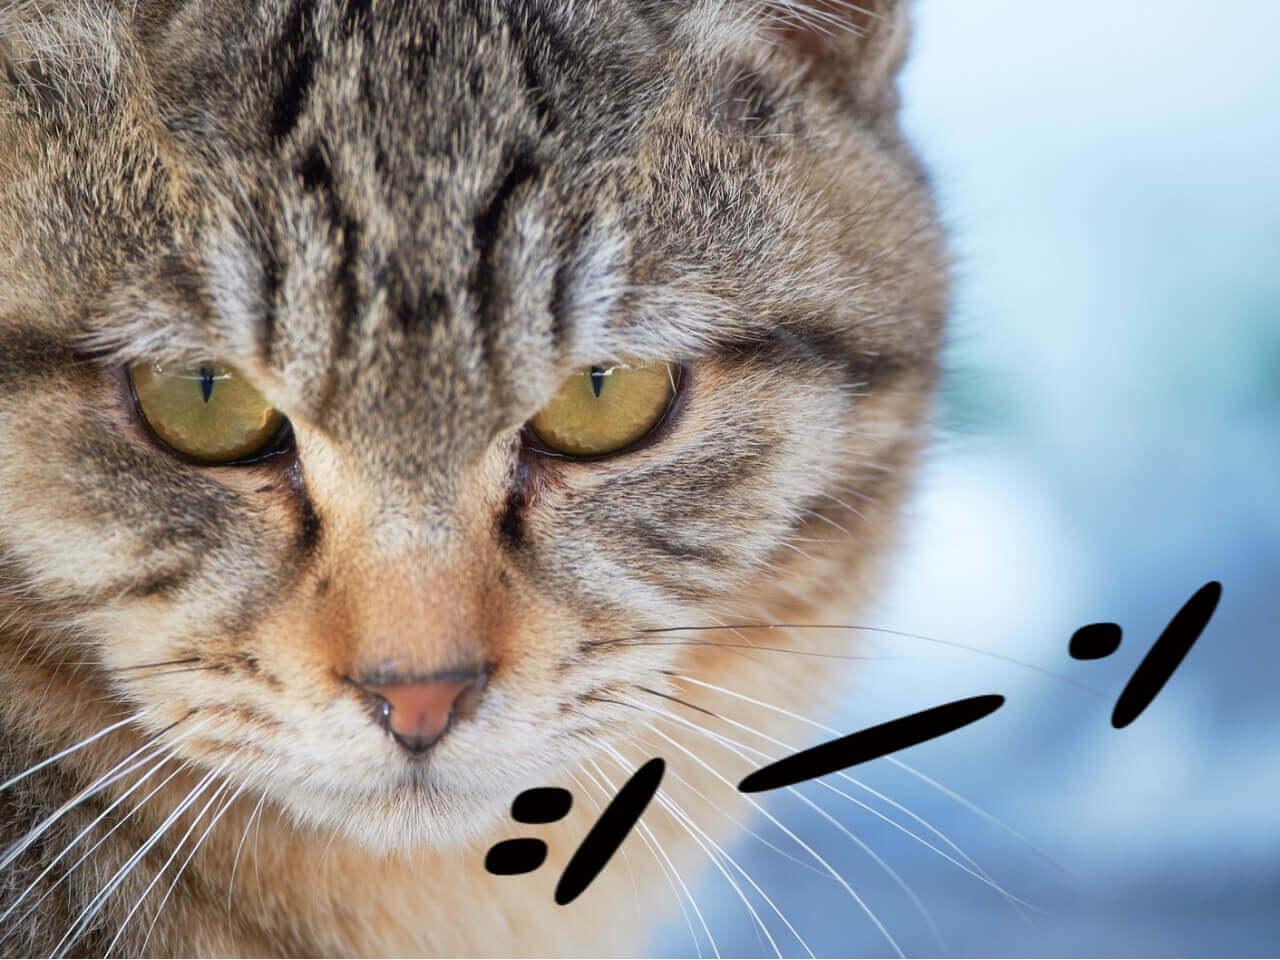 黙ってこちらをみつめる猫